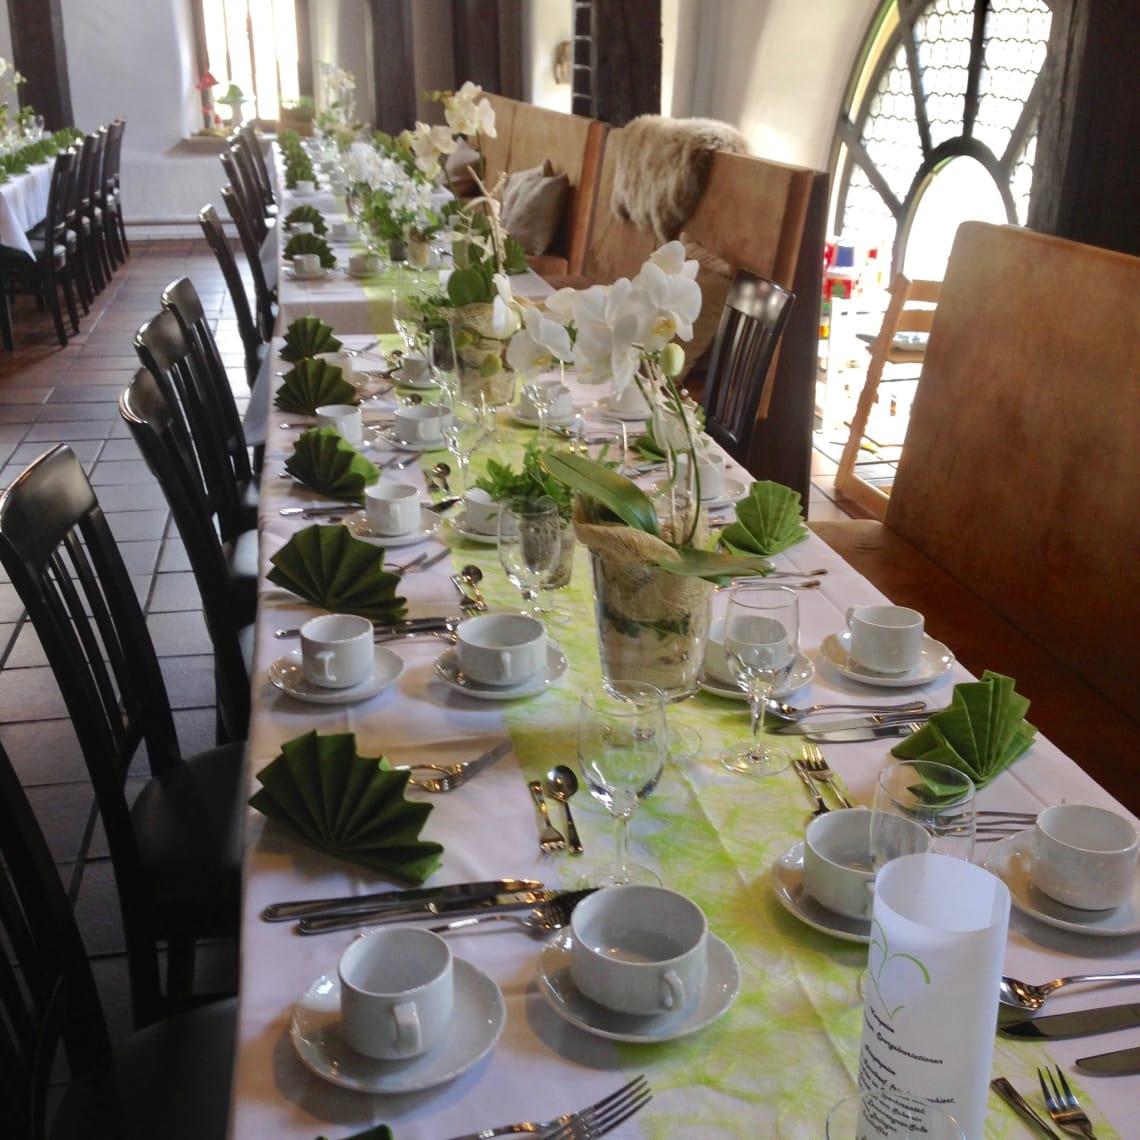 Alte Kelter lange Tischreihe hellgrüne Dekoration